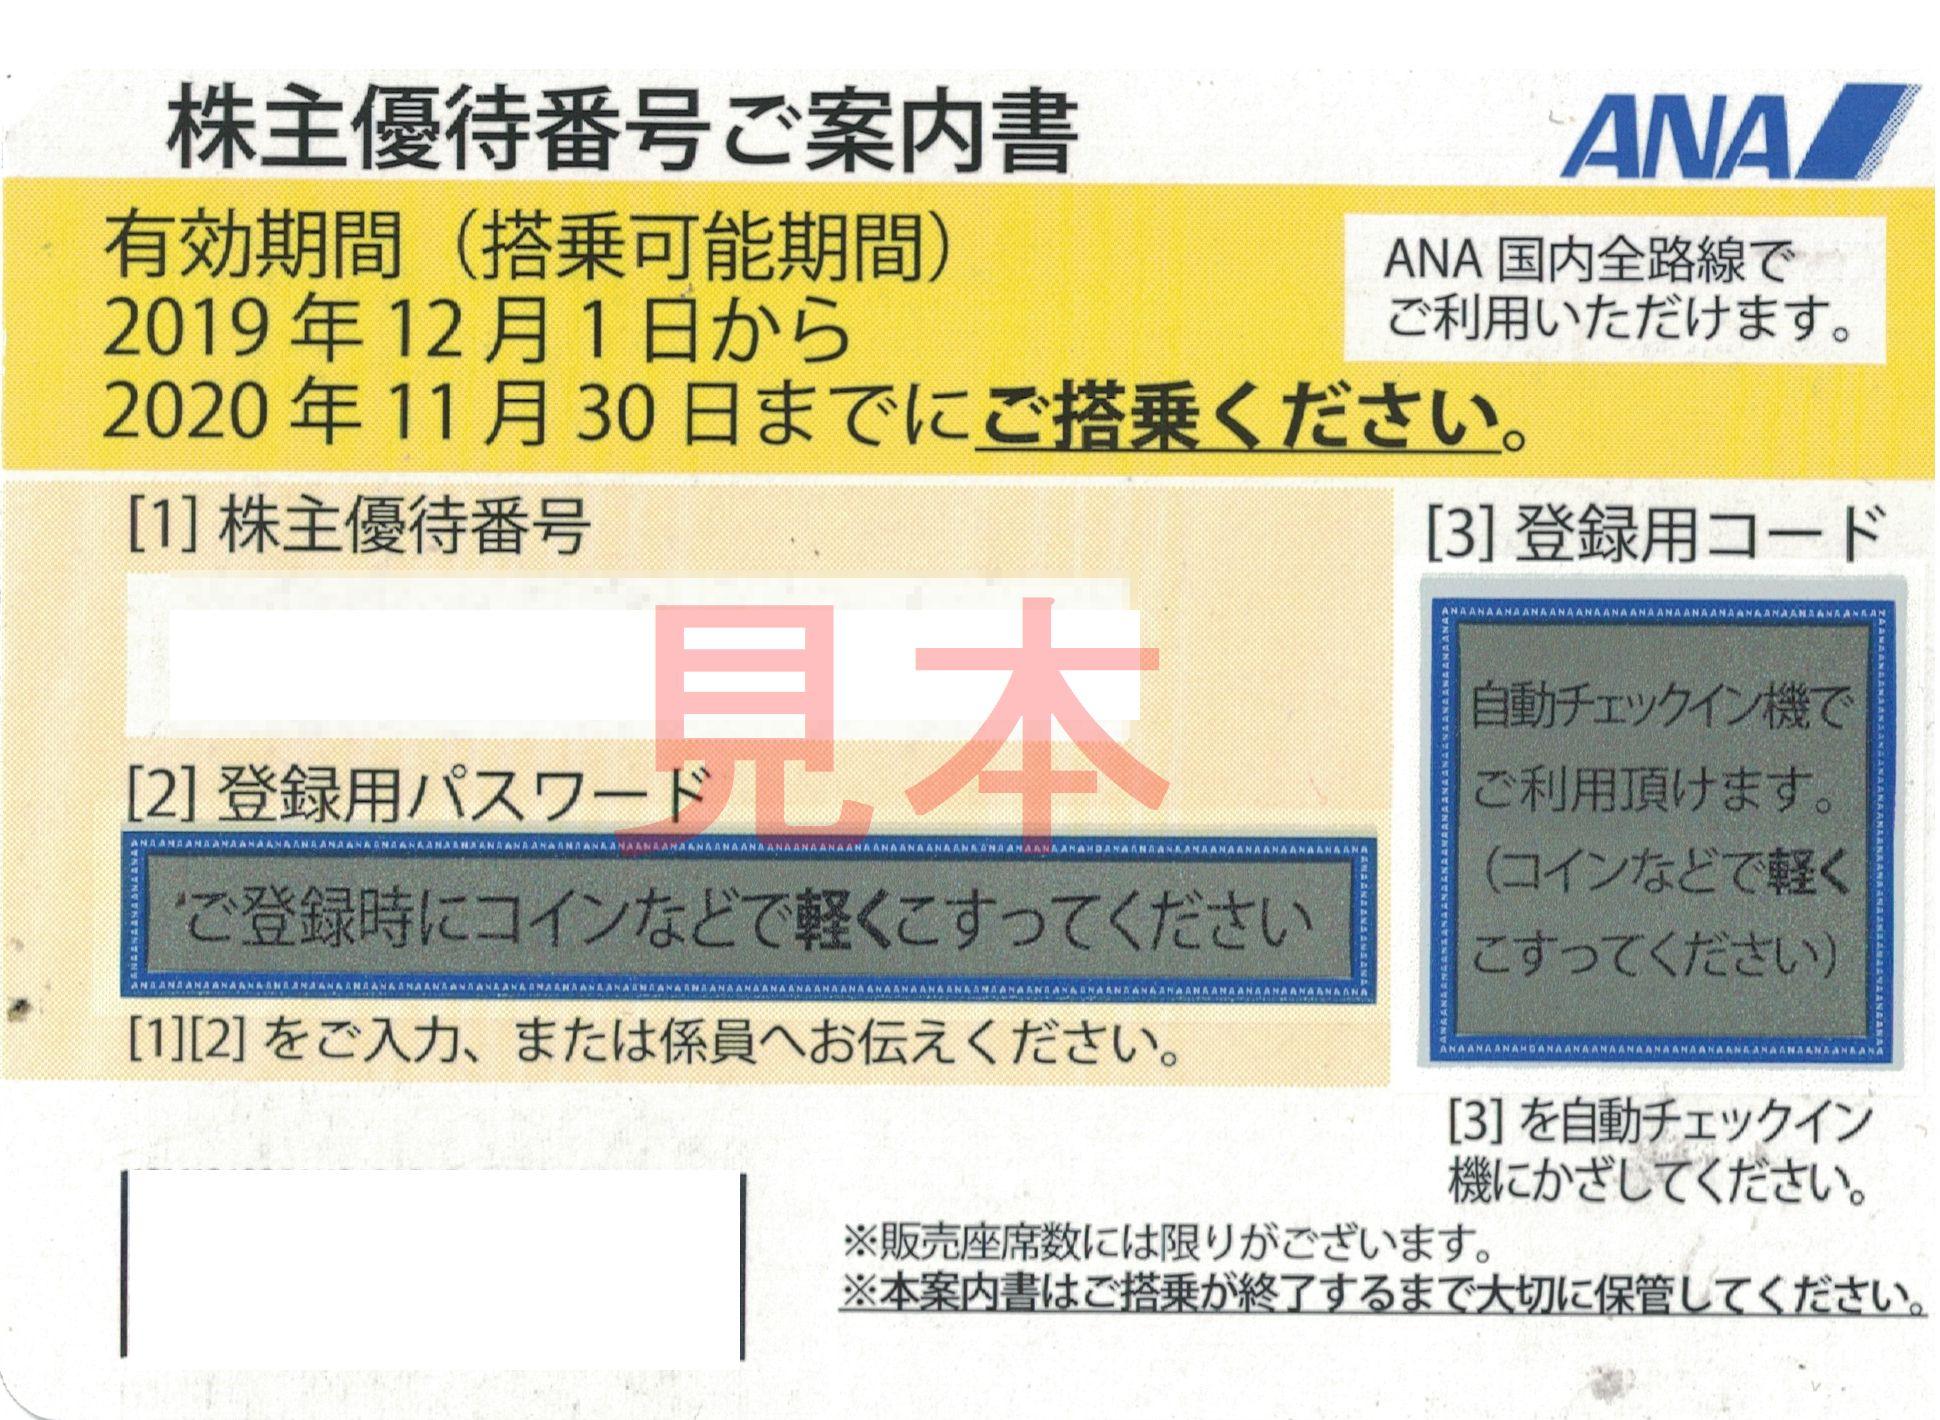 商品名「株主優待券ANA(全日空)2020年11月30日搭乗分まで」